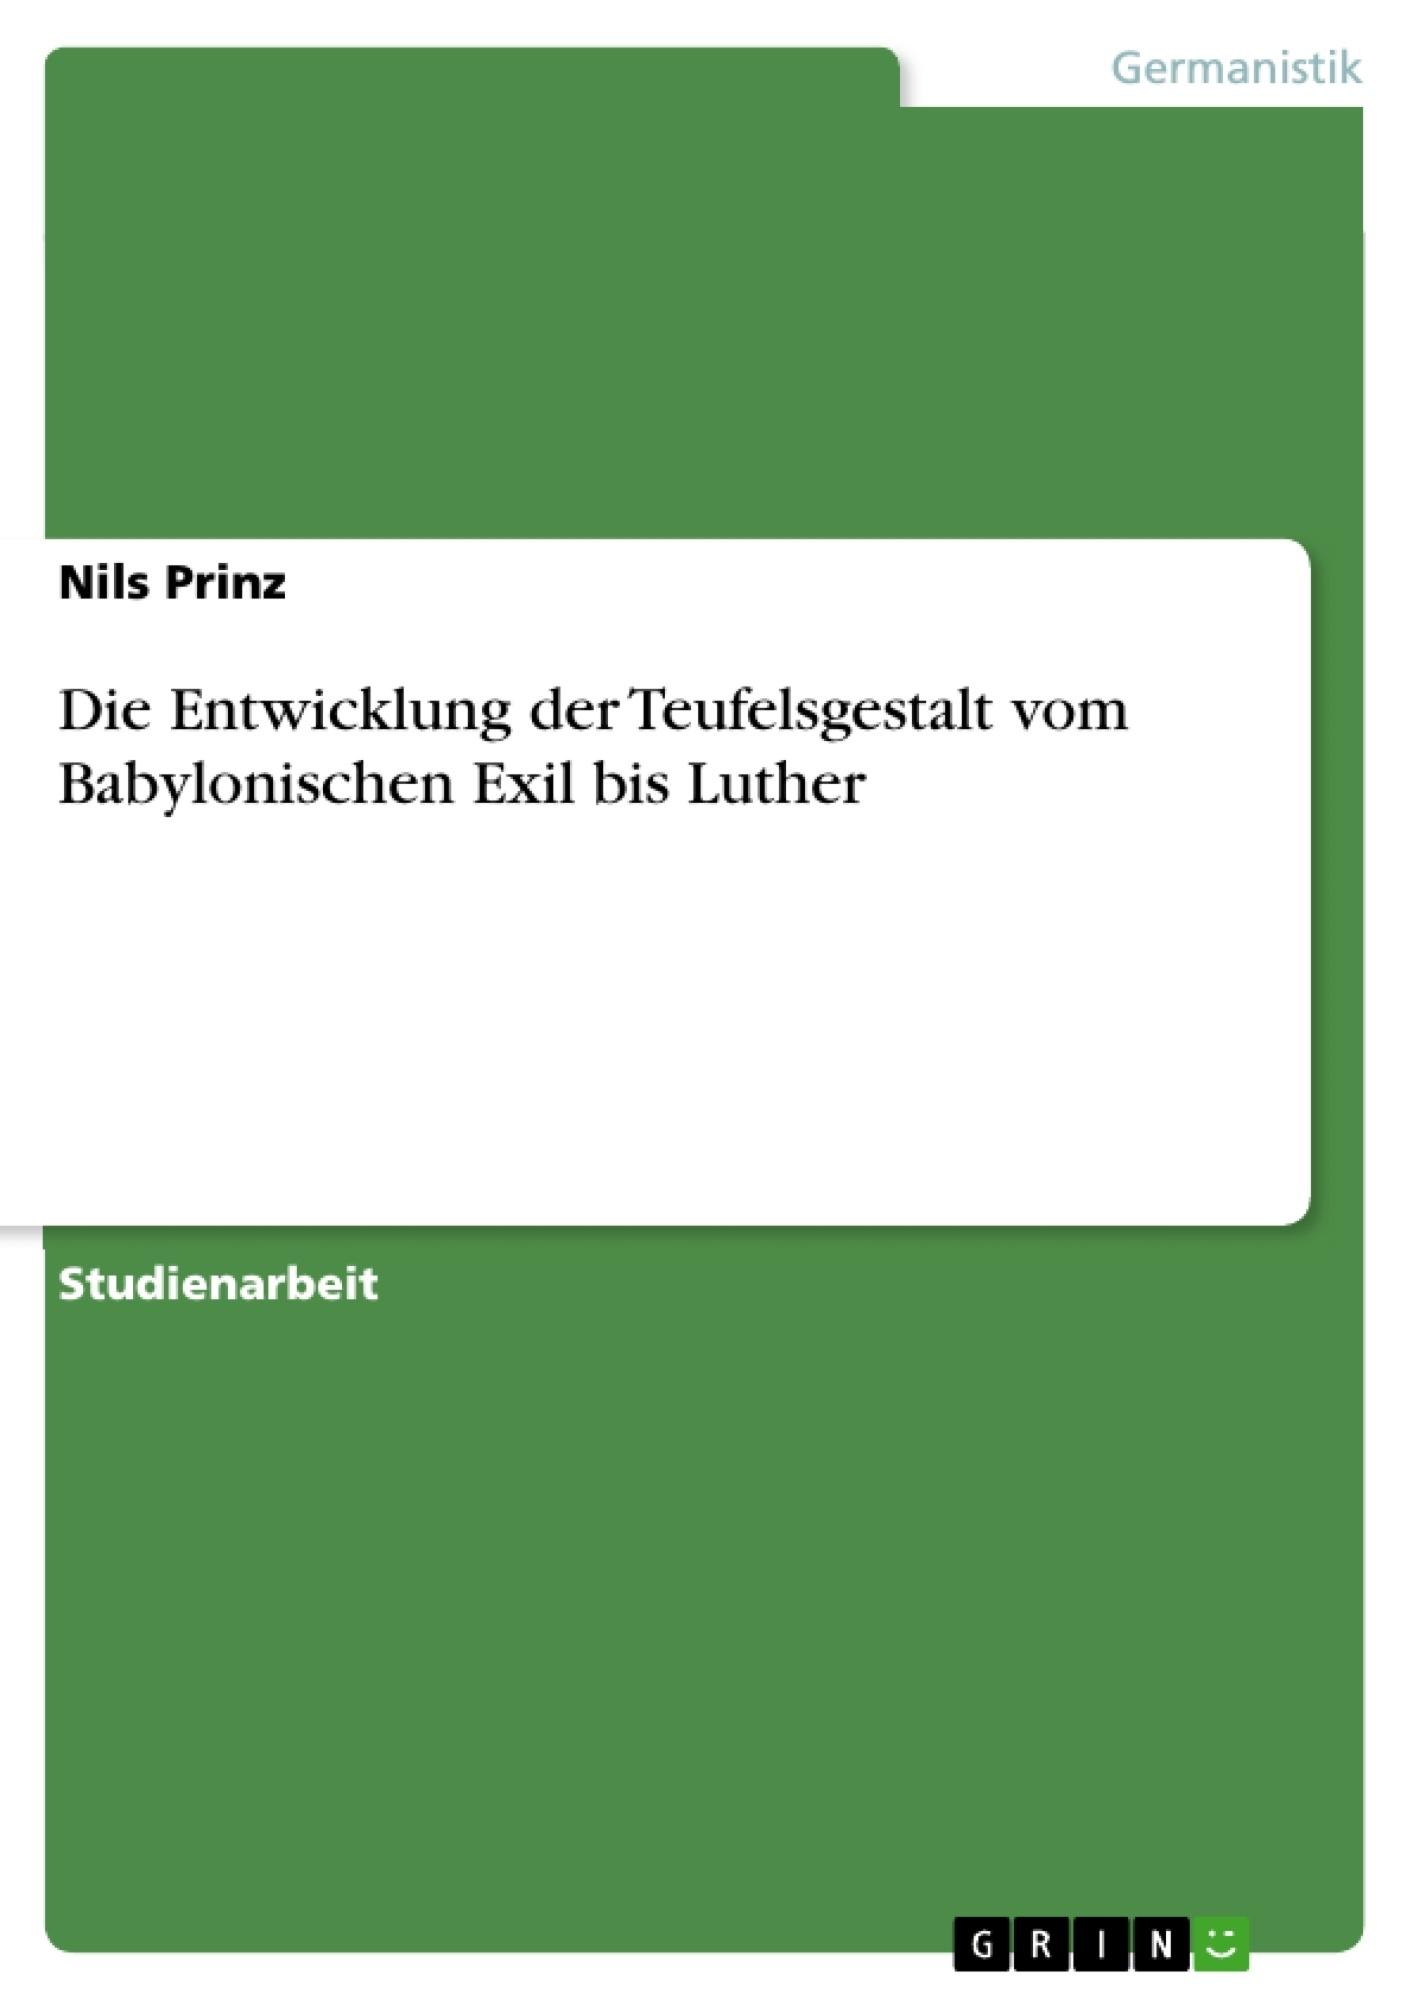 Titel: Die Entwicklung der Teufelsgestalt vom Babylonischen Exil bis Luther